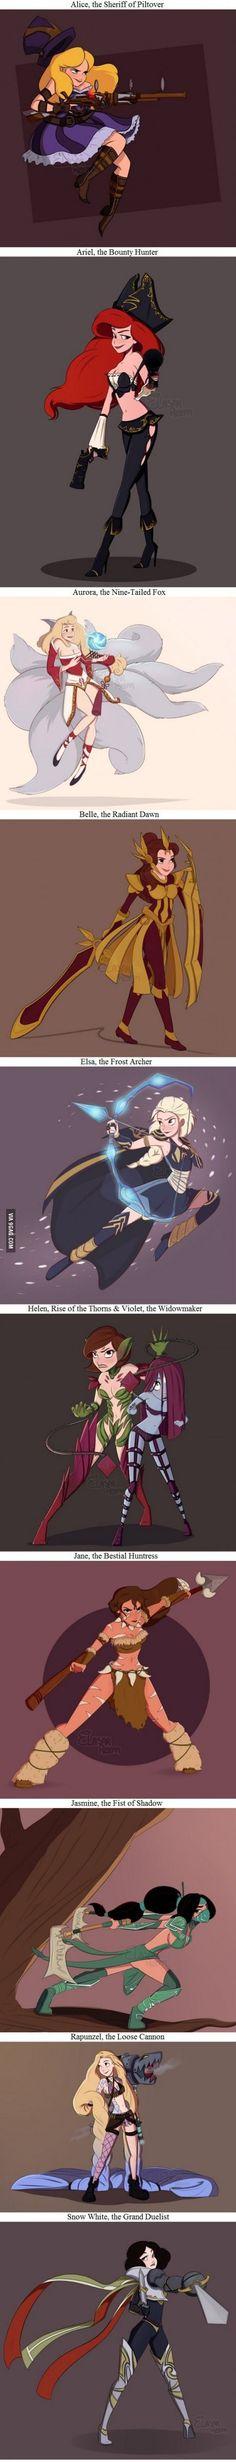 League of (Disney)Ladies by Dreemers: